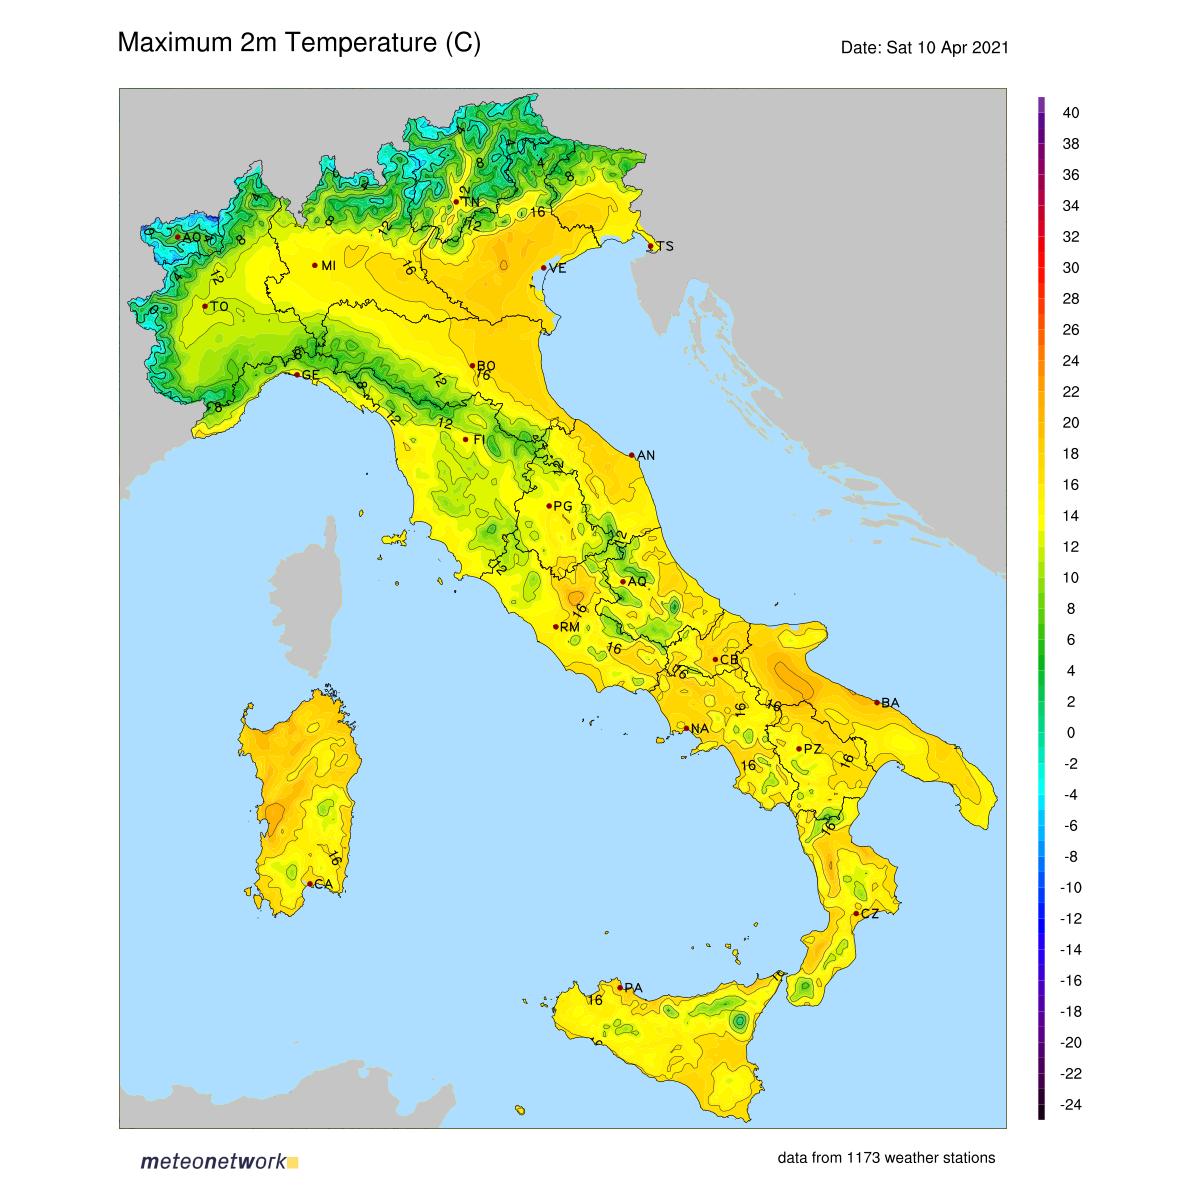 Dati Meteo 2021-04-10 temp_max_italia